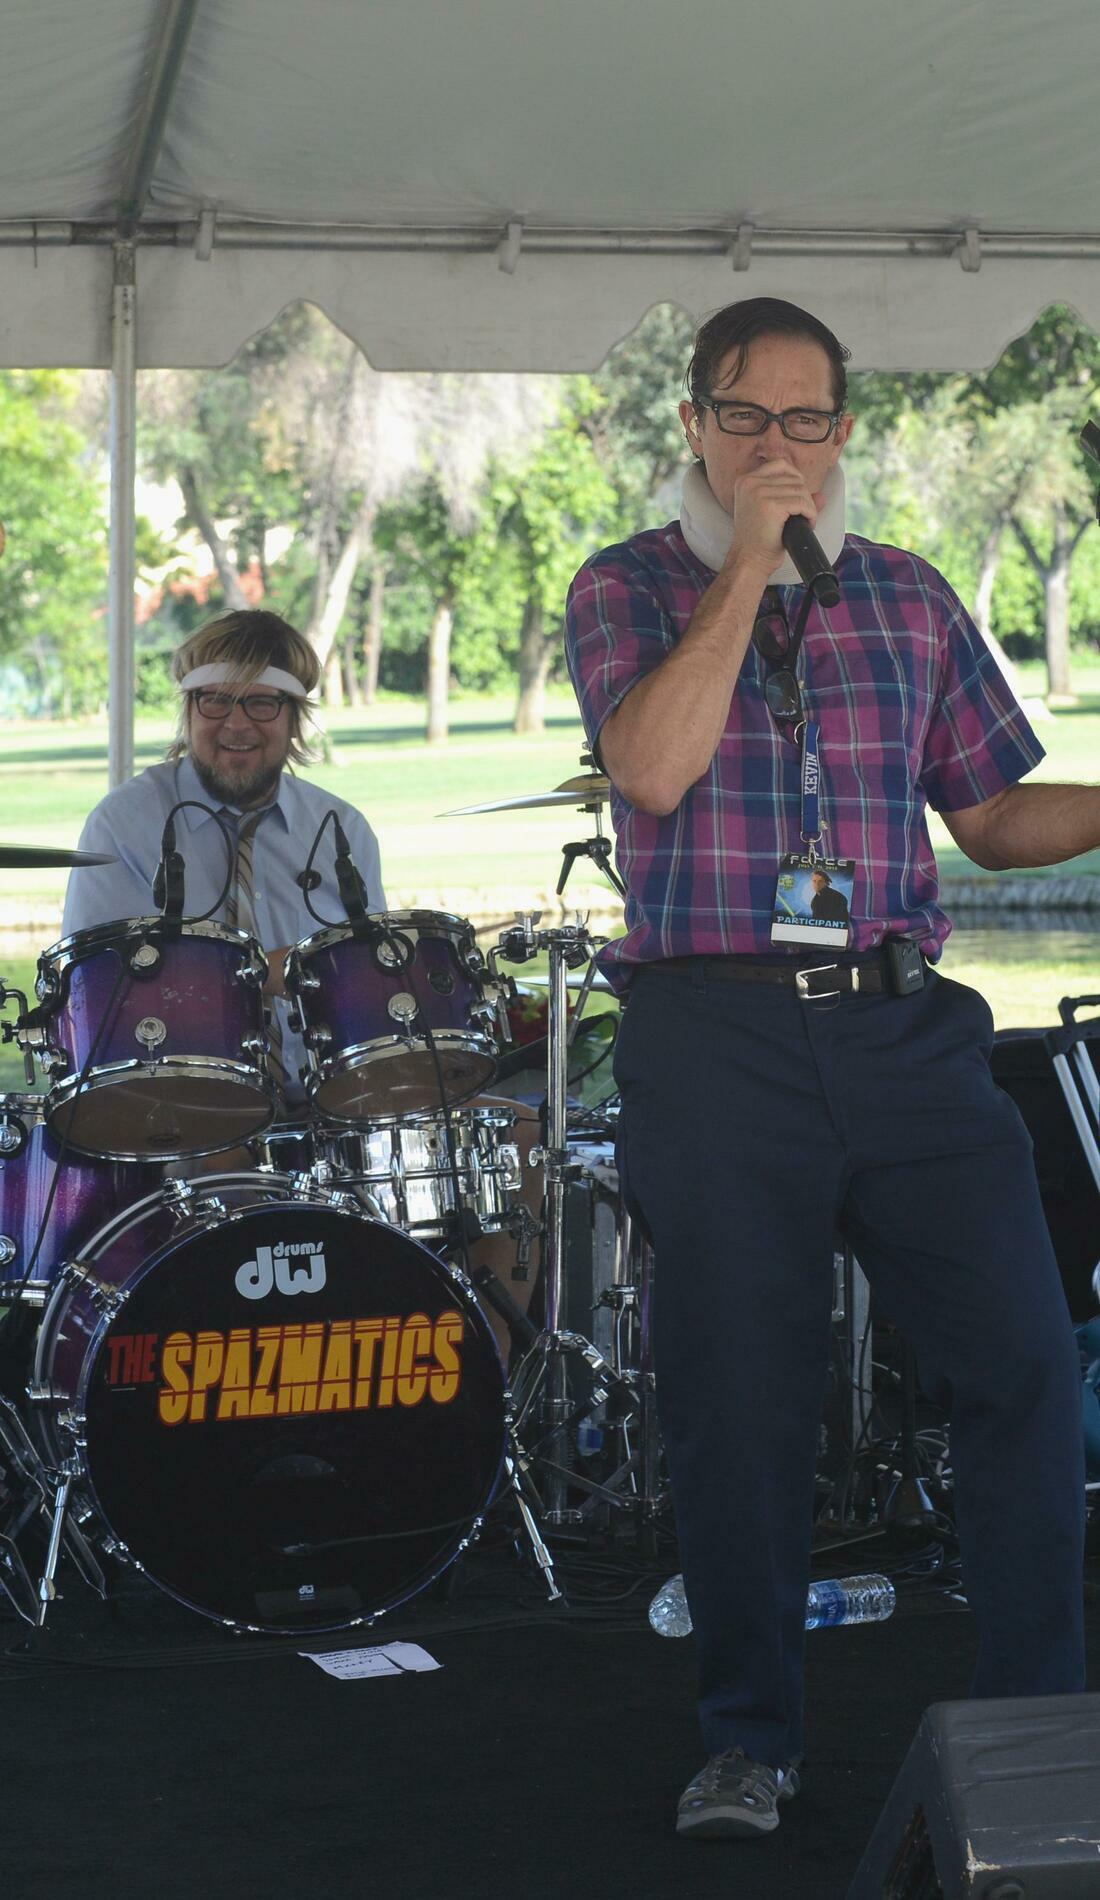 A The Spazmatics live event